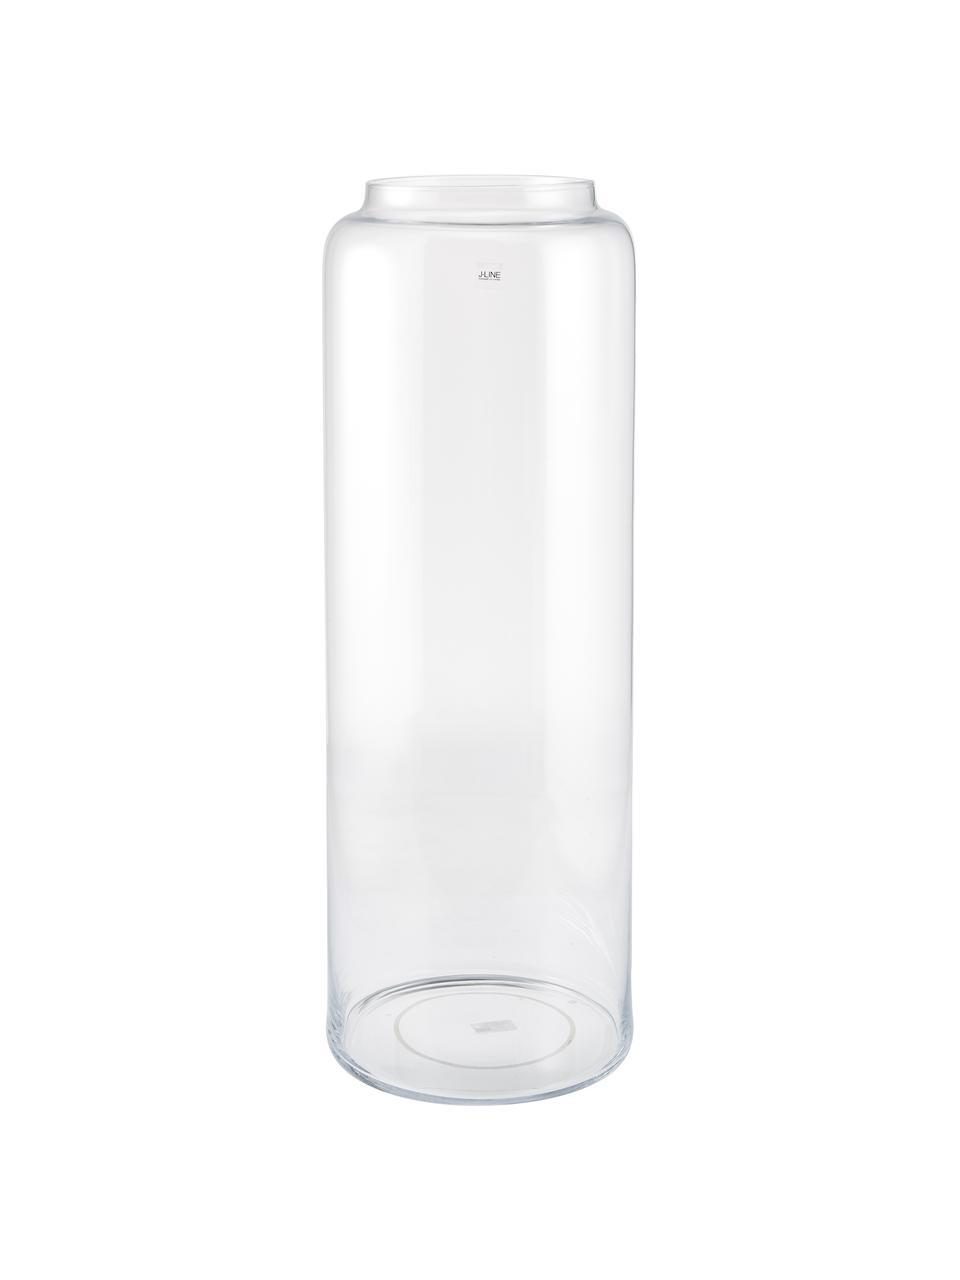 Bodenvase Right aus Glas, Glas, Transparent, Ø 25 x H 70 cm